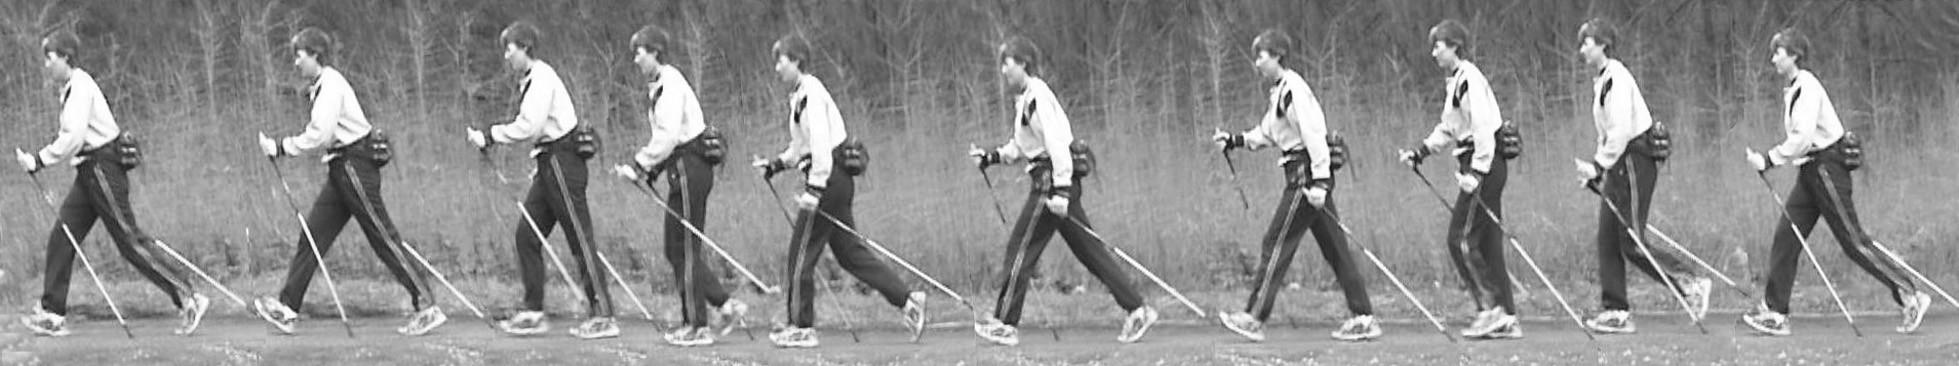 Jeden krokový cyklus probandky při chůzi s holemi (nordic walking).